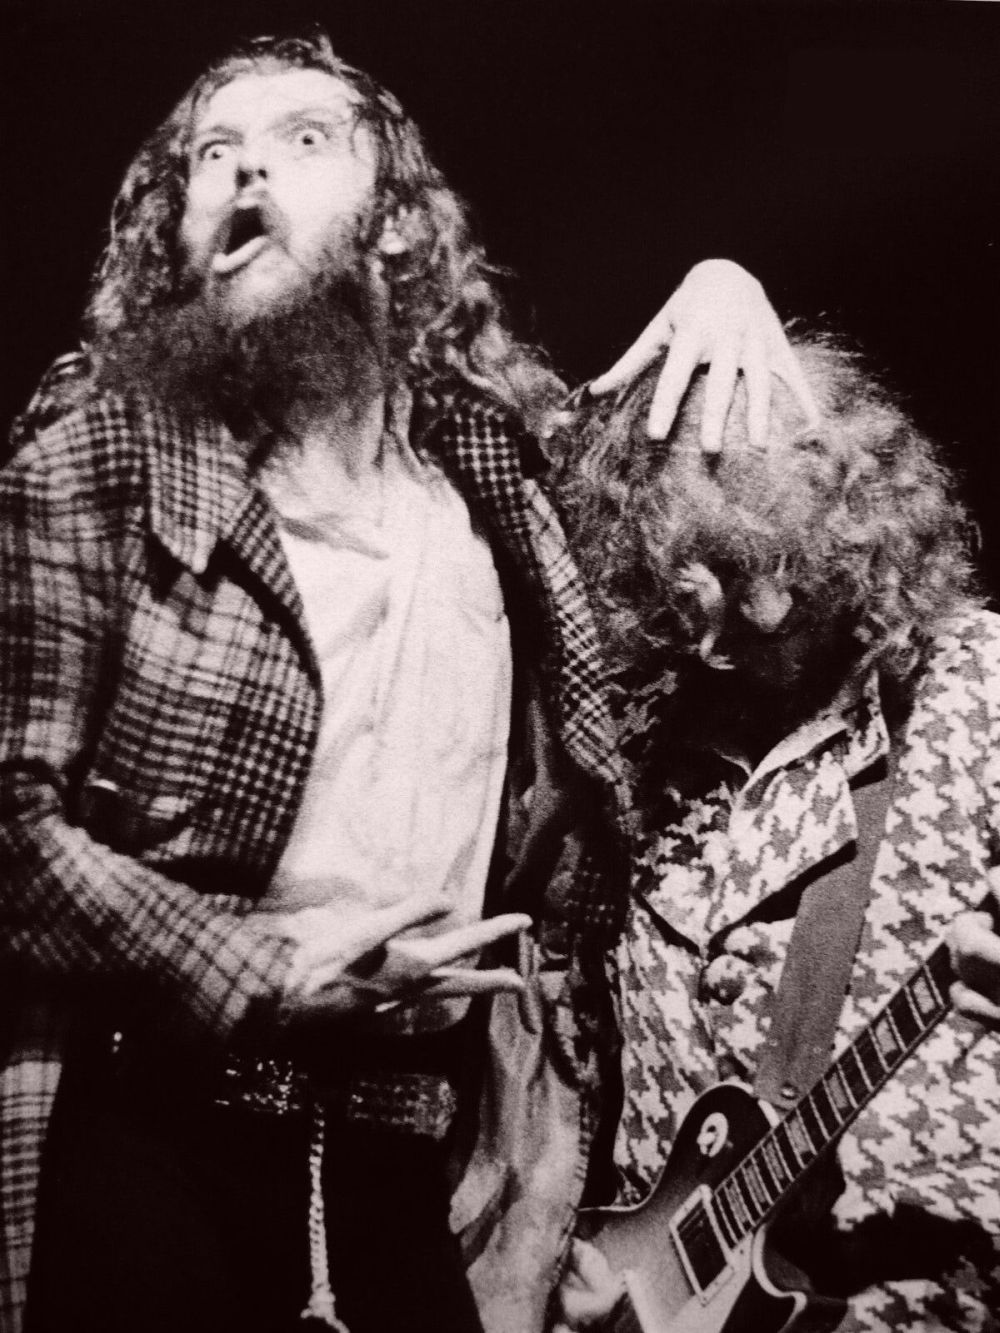 Brick live 1972